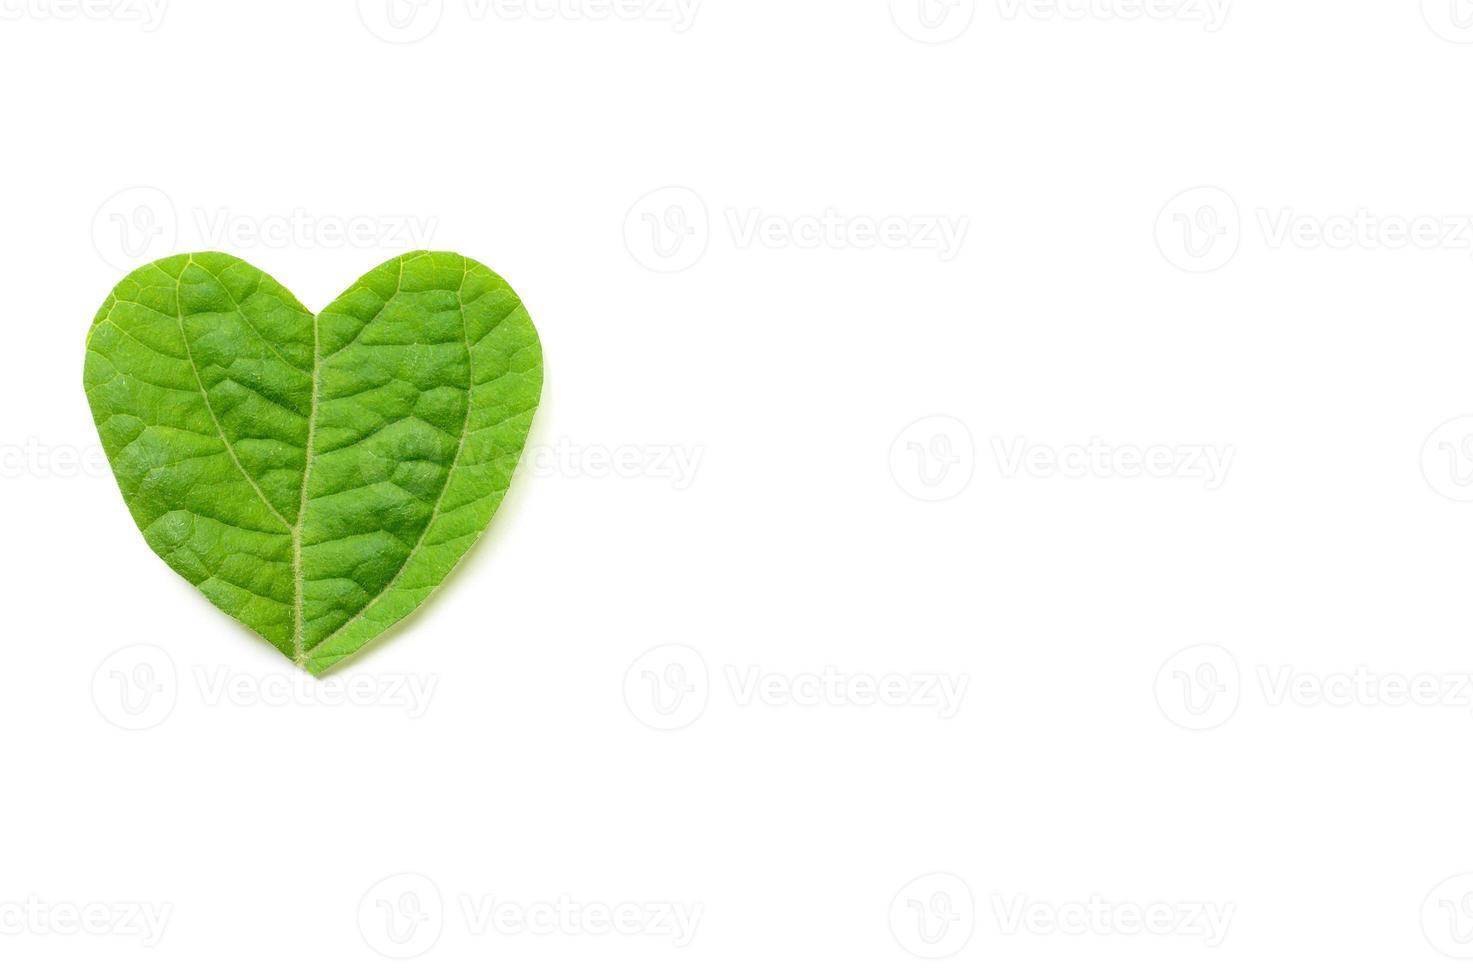 El corazón se corta de follaje sobre fondo blanco. foto